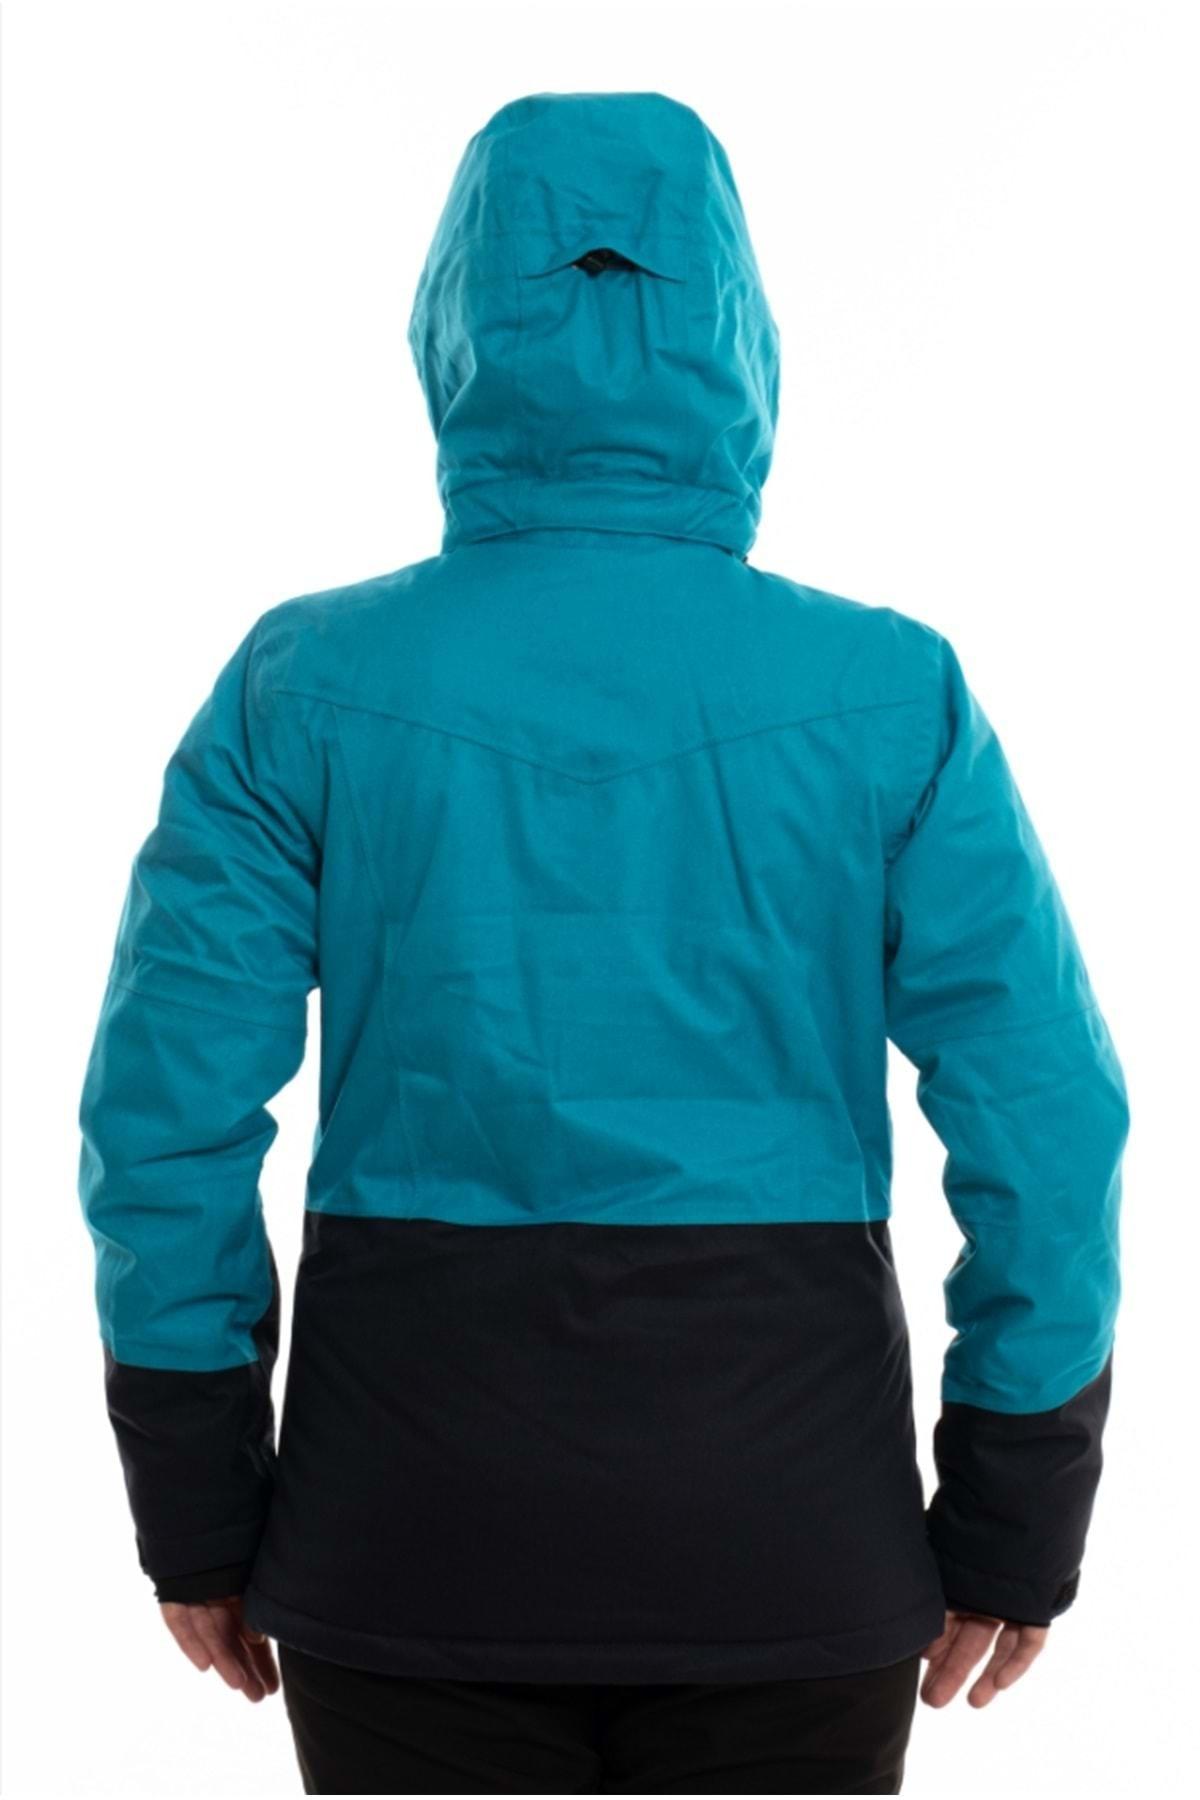 Killtec Nera Kadın Kayak Montu - - Nera - Mor - 46 Beden - Pp00289-4004 2